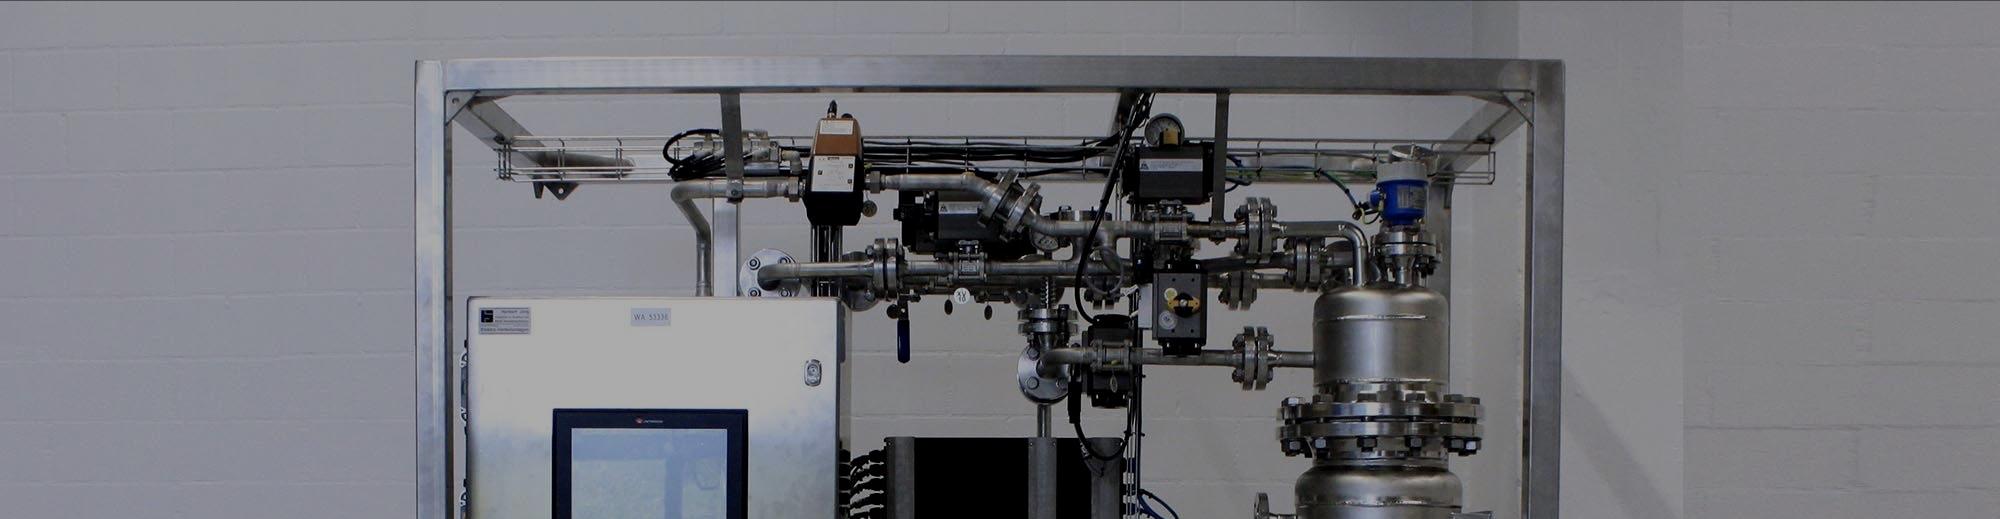 过滤试验装置产品